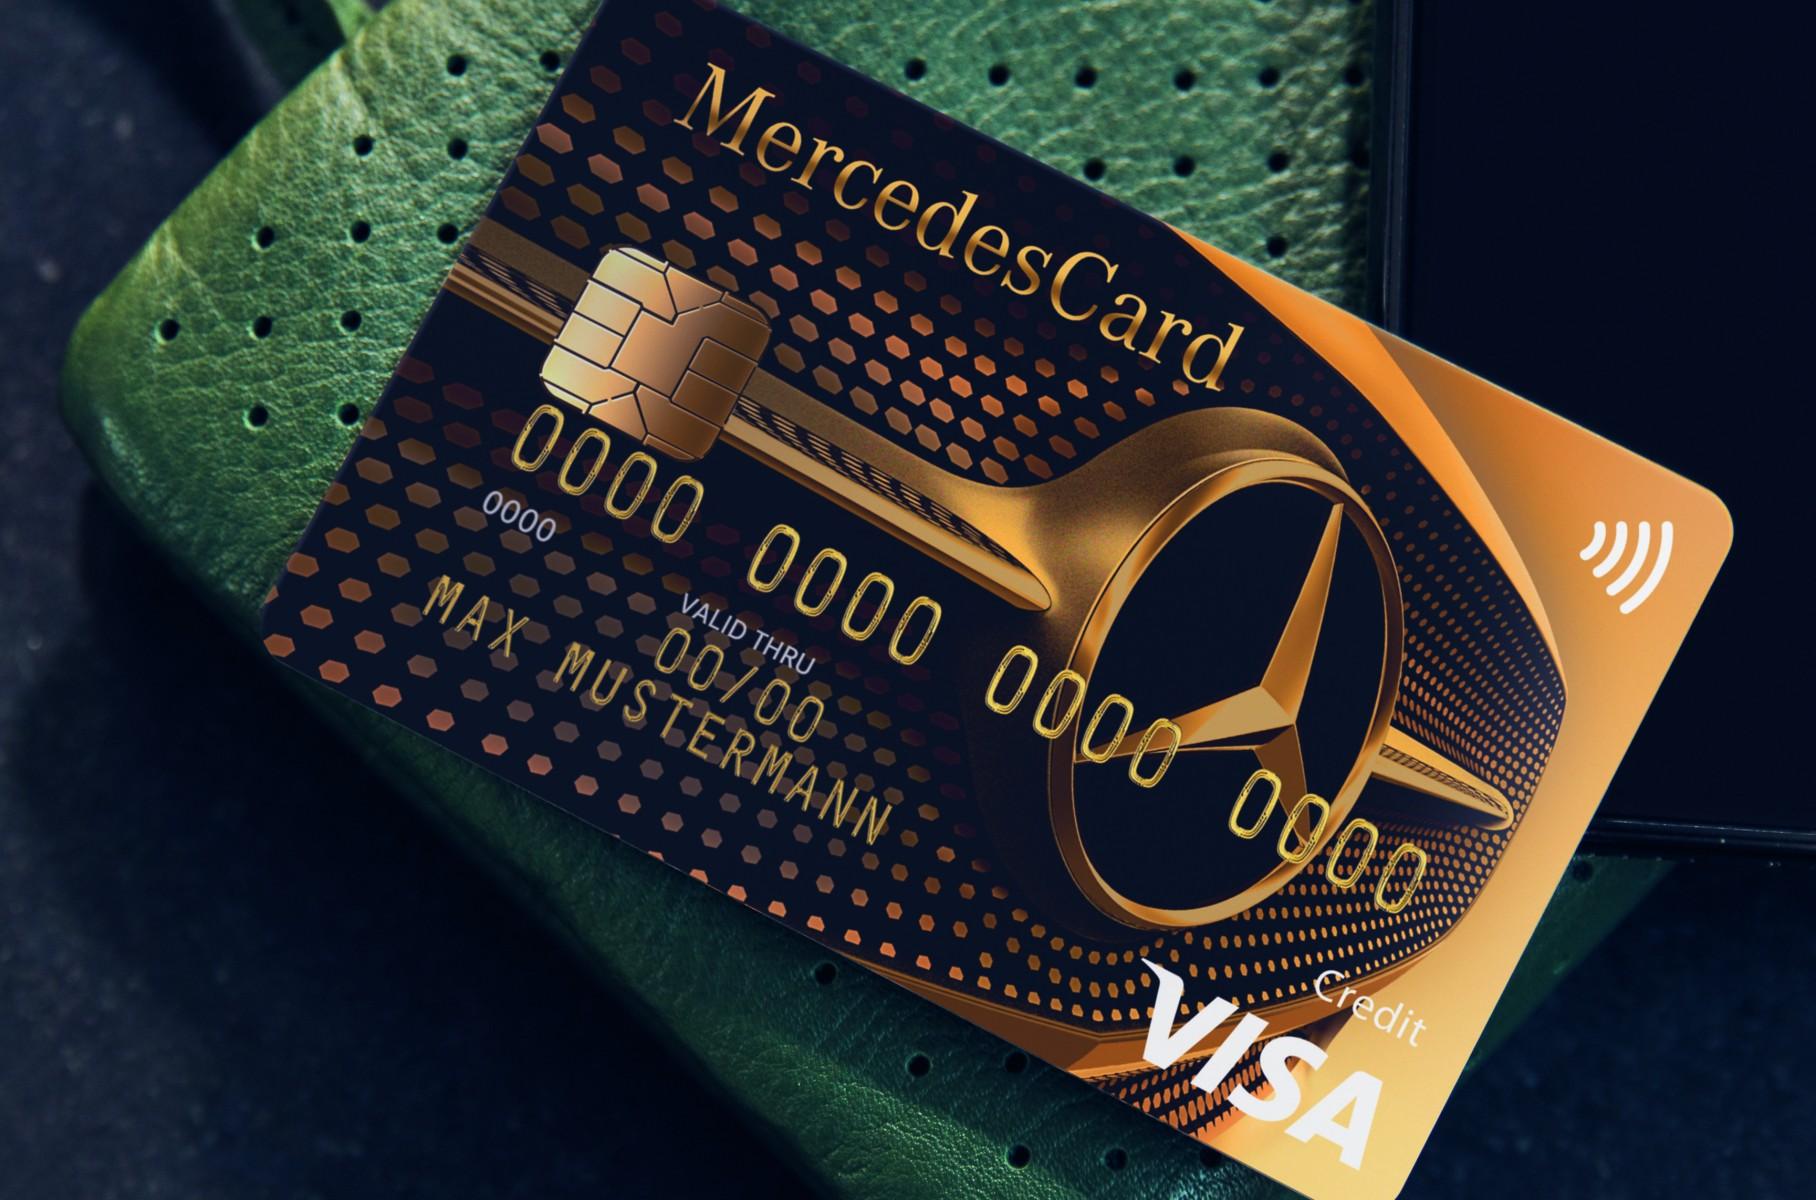 MercedesCard Inhaber Bezahlen Aus Dem Handgelenk